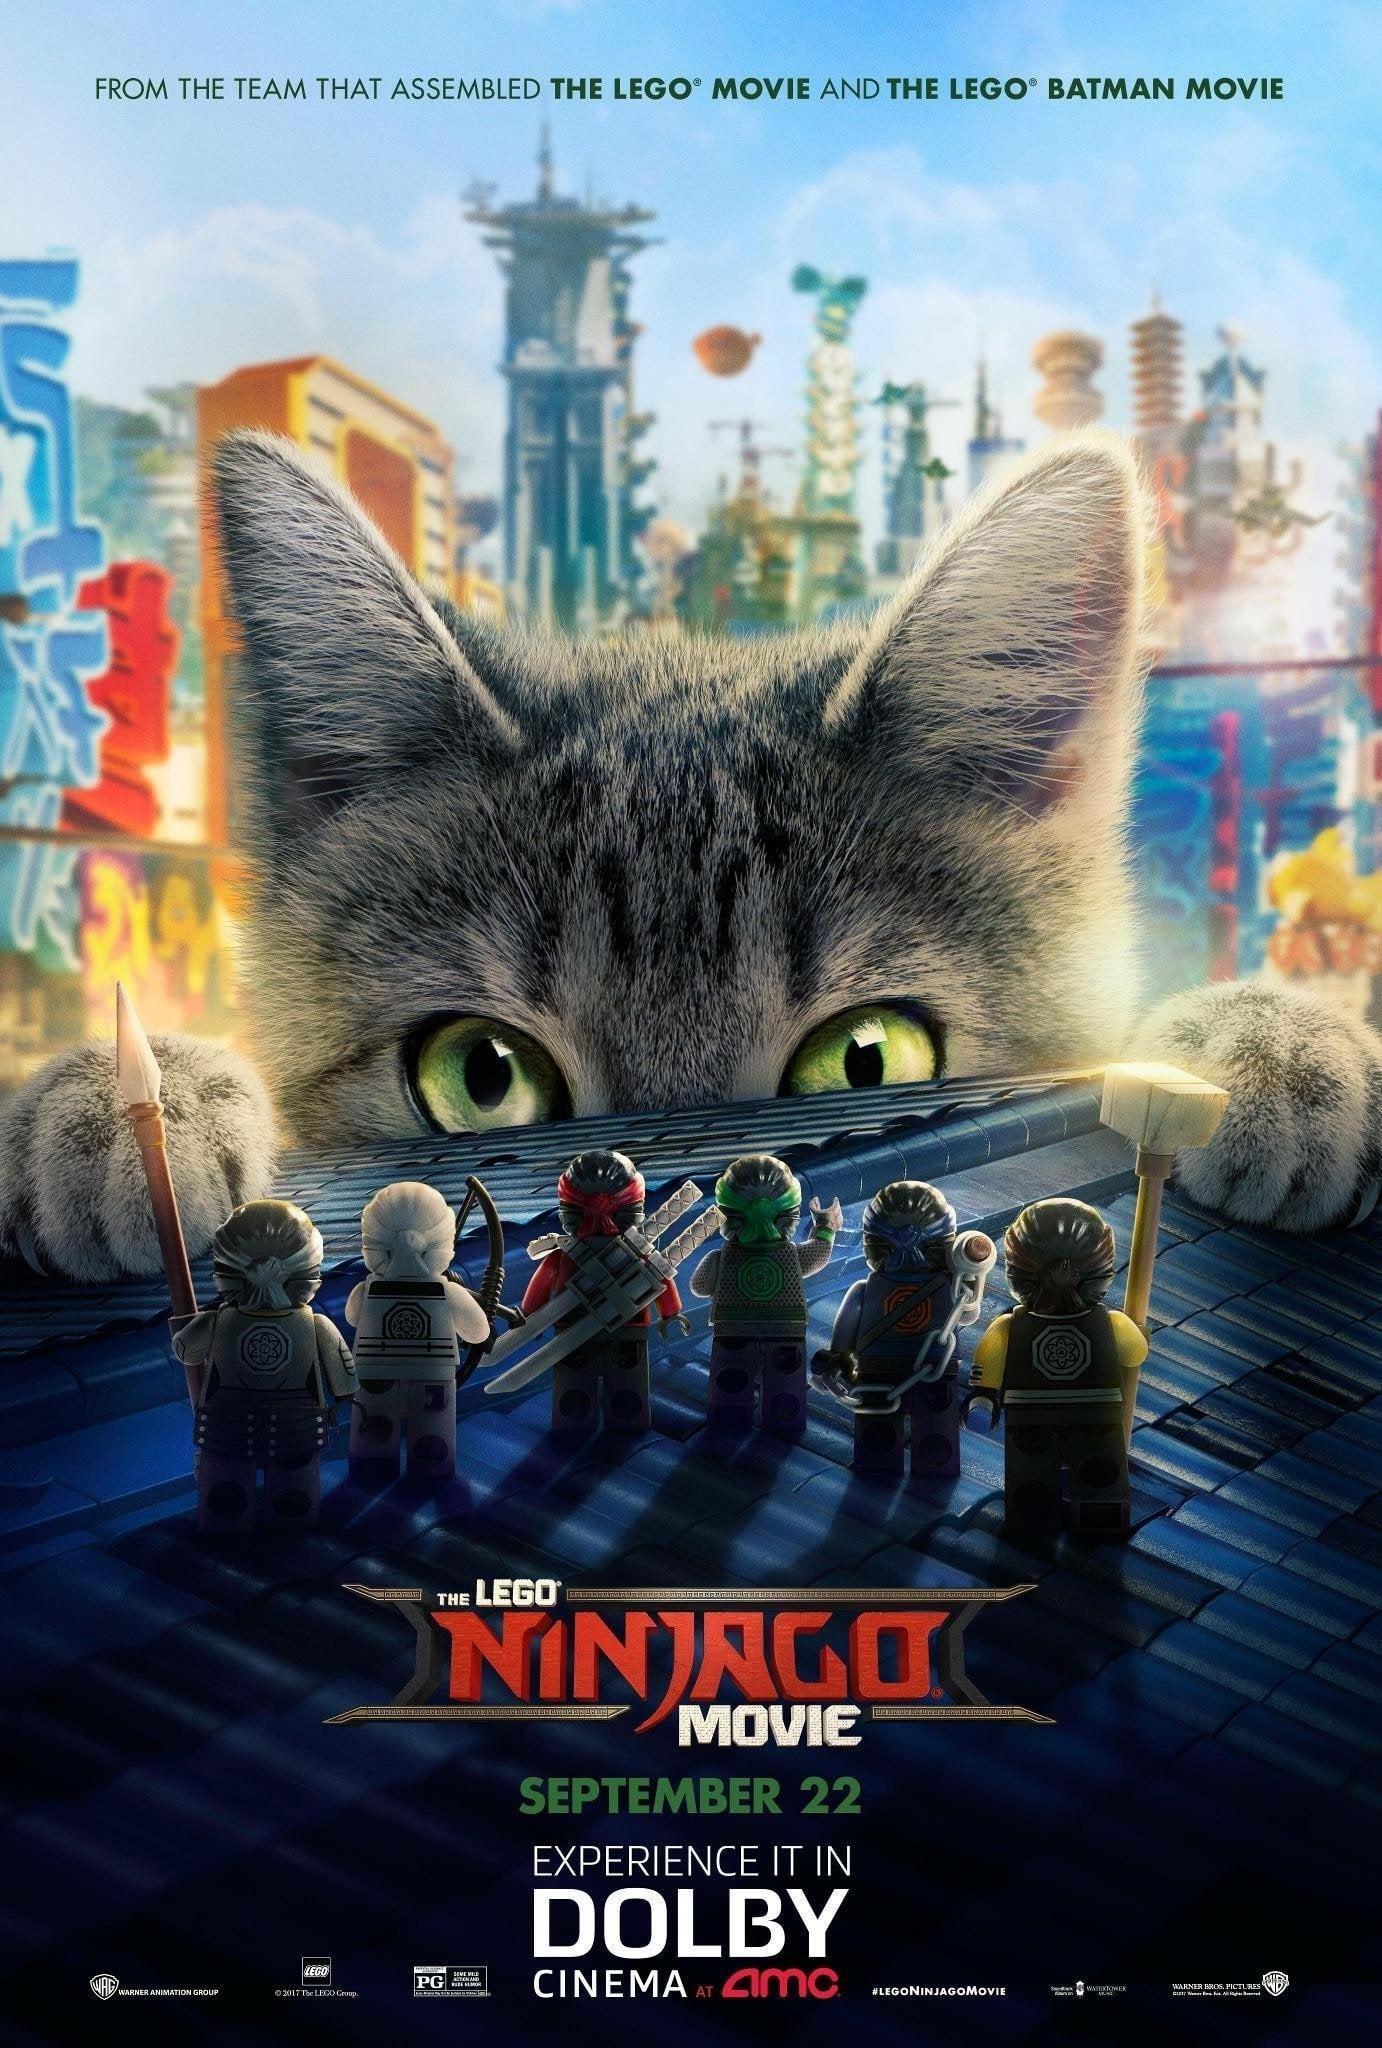 Assistir LEGO Ninjago: O Filme Legendado Online Legendado 1080p